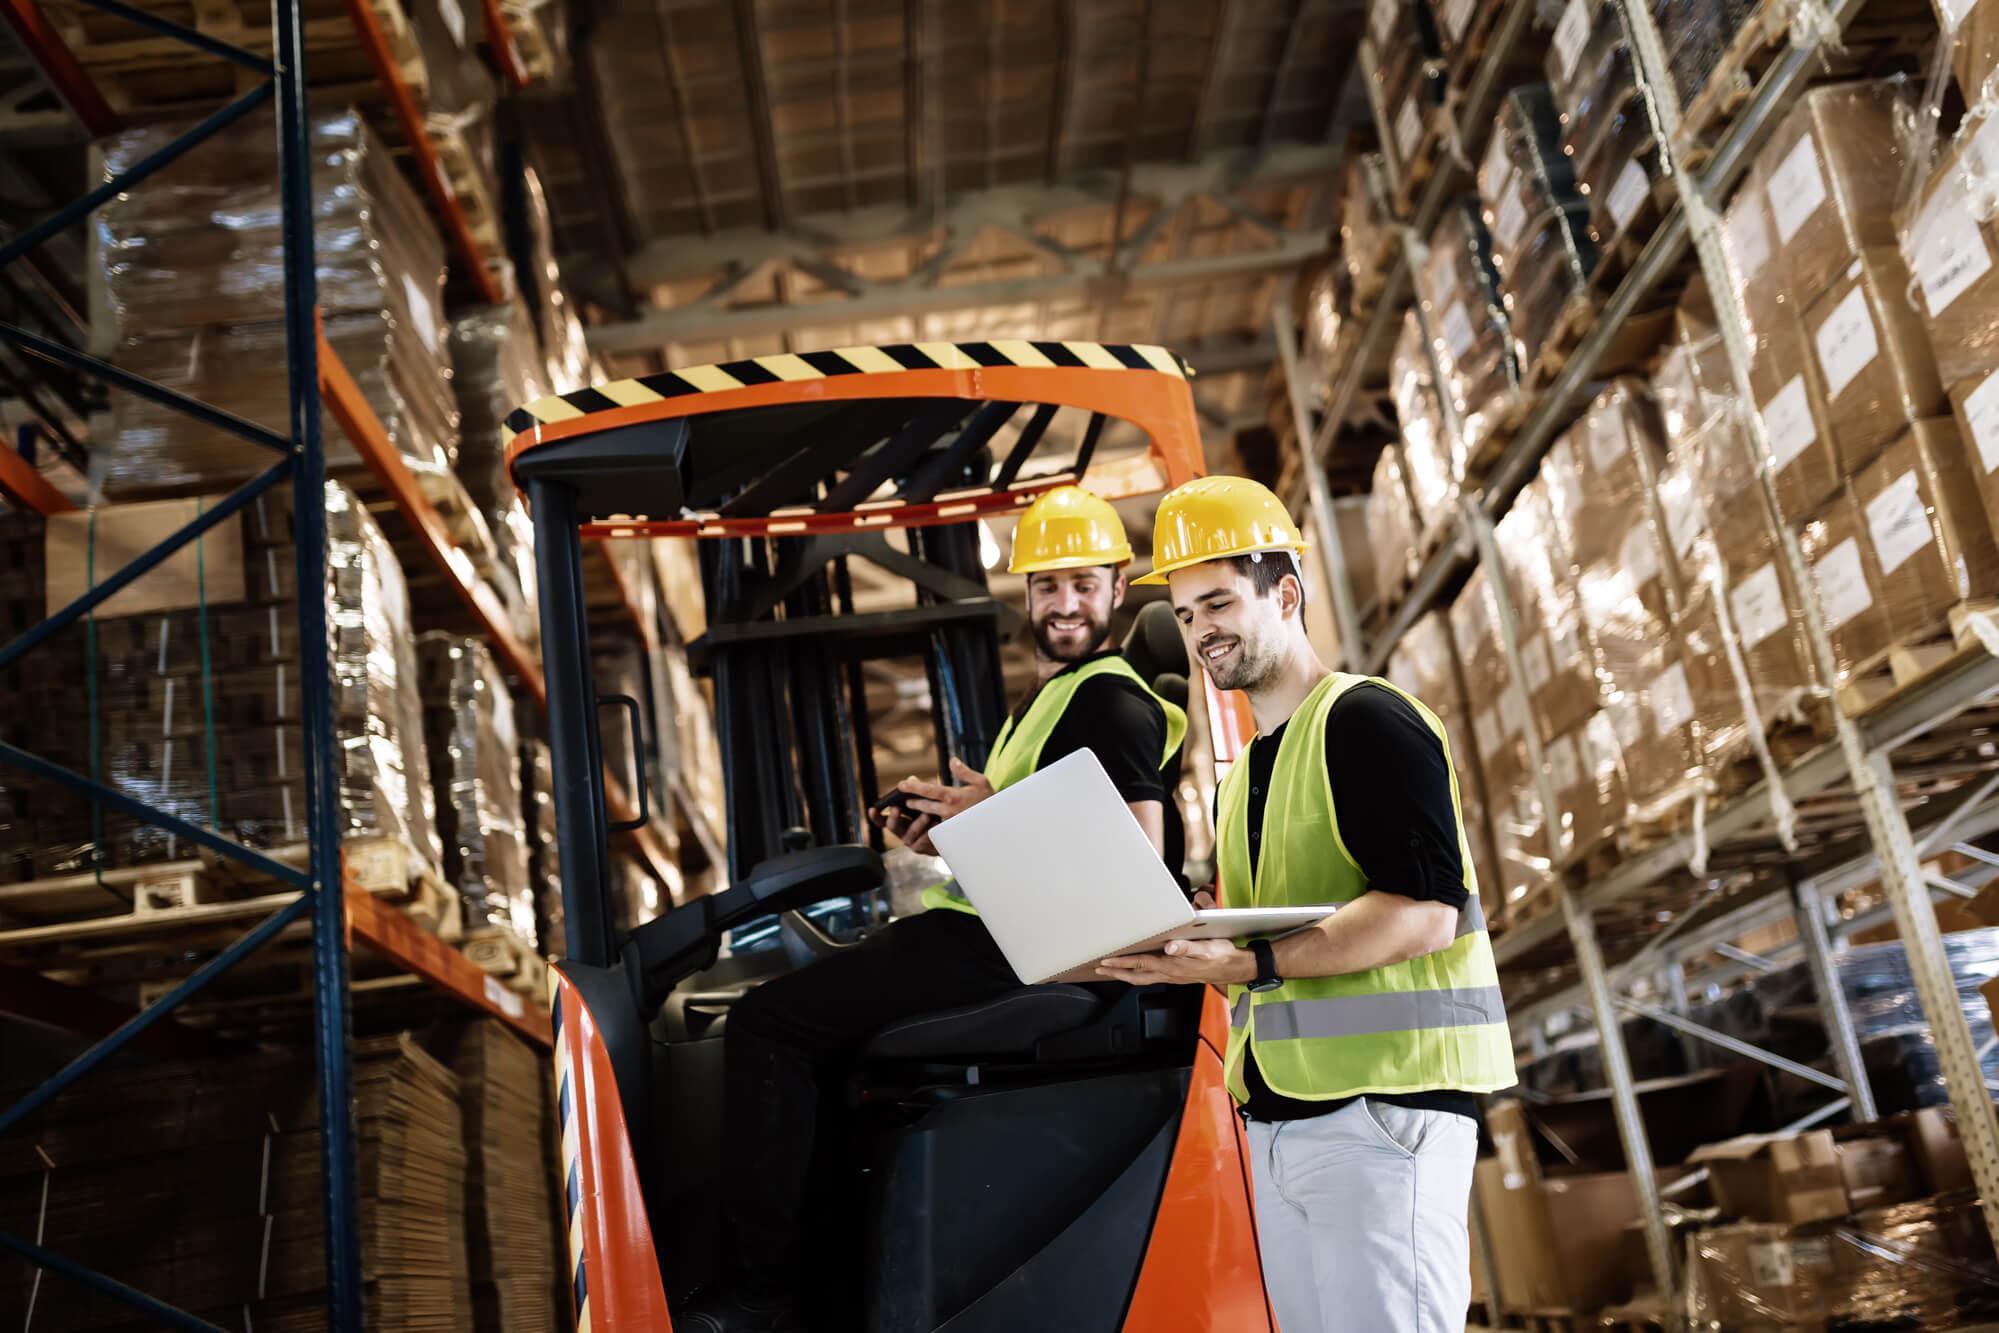 SLA na logística: qual a importância?